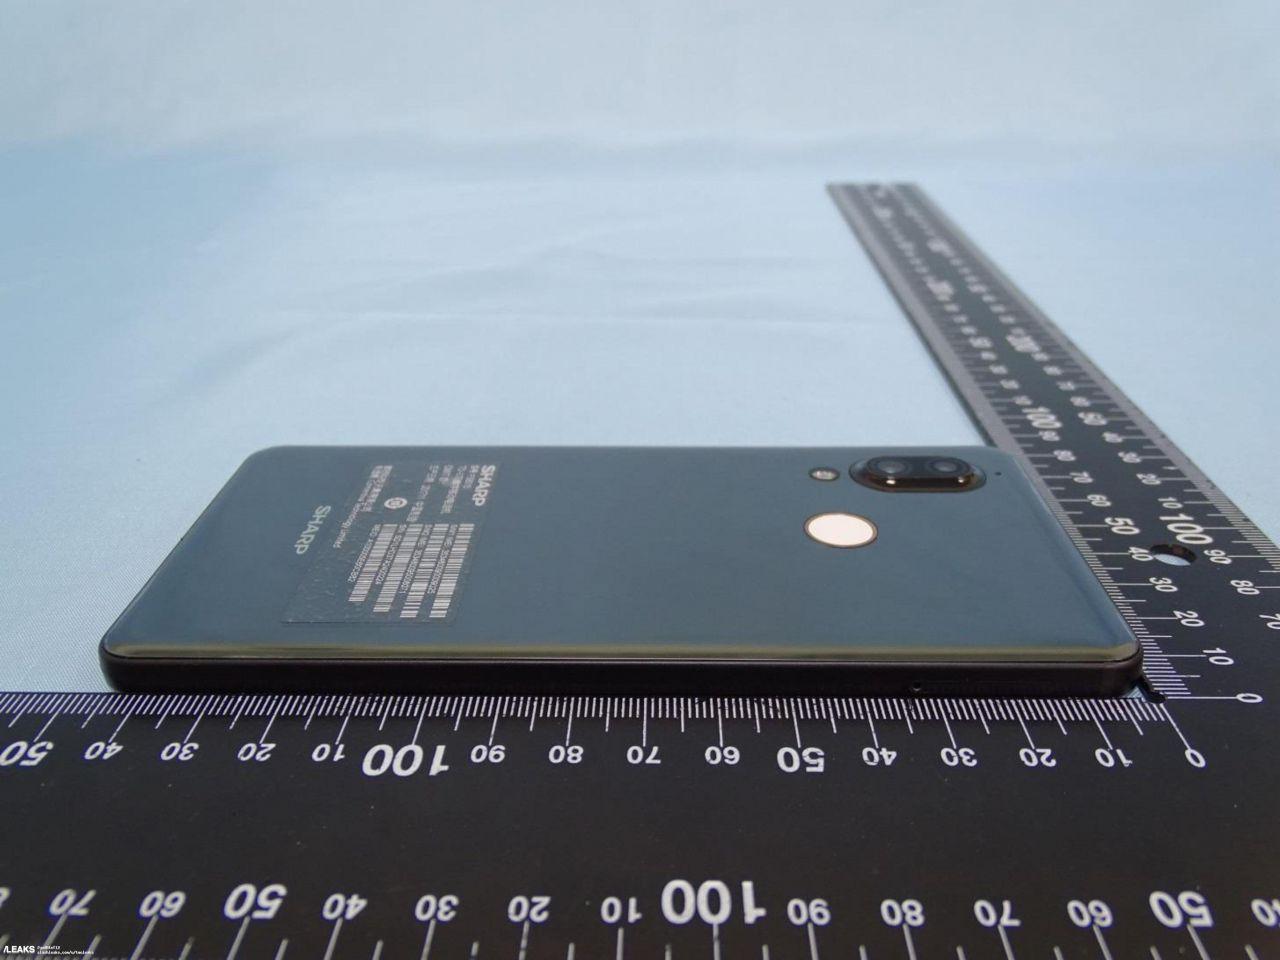 İşte Sharp'ın yeni telefonunun görüntüleri! - Page 4